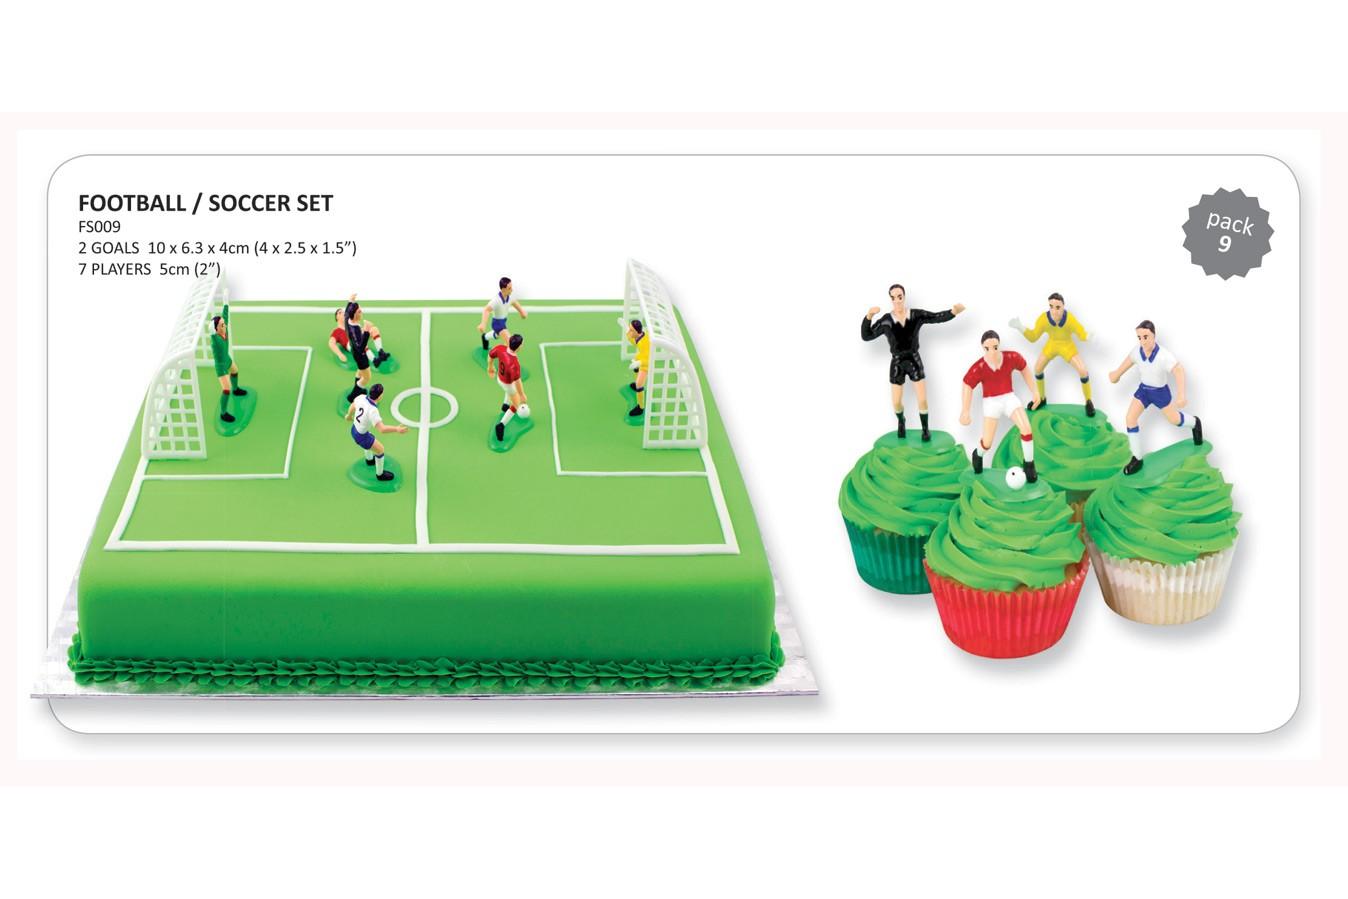 Set de football - Cages et joueurs